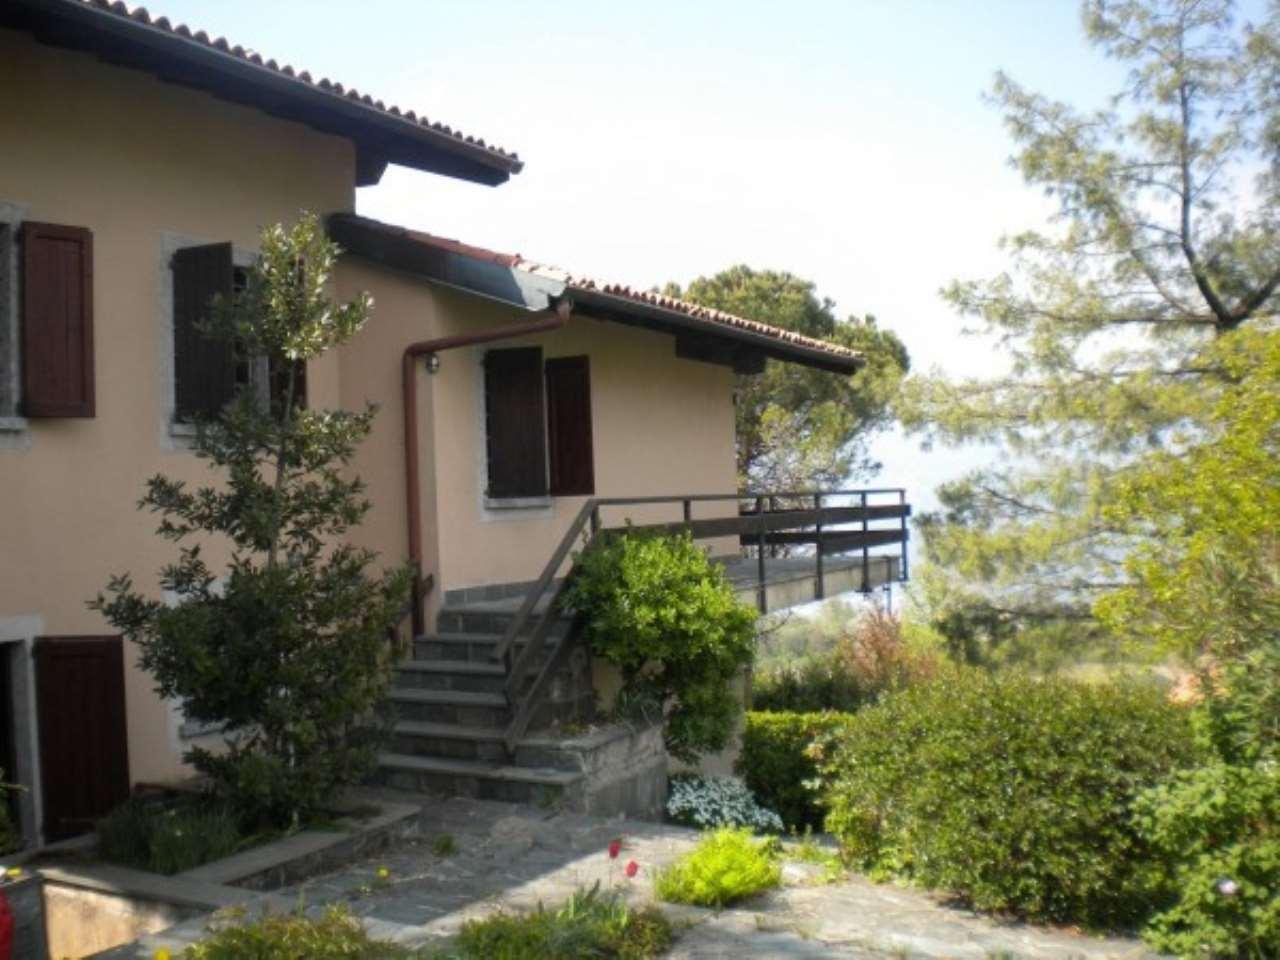 Villa in vendita a Colle Brianza, 5 locali, prezzo € 290.000 | Cambio Casa.it